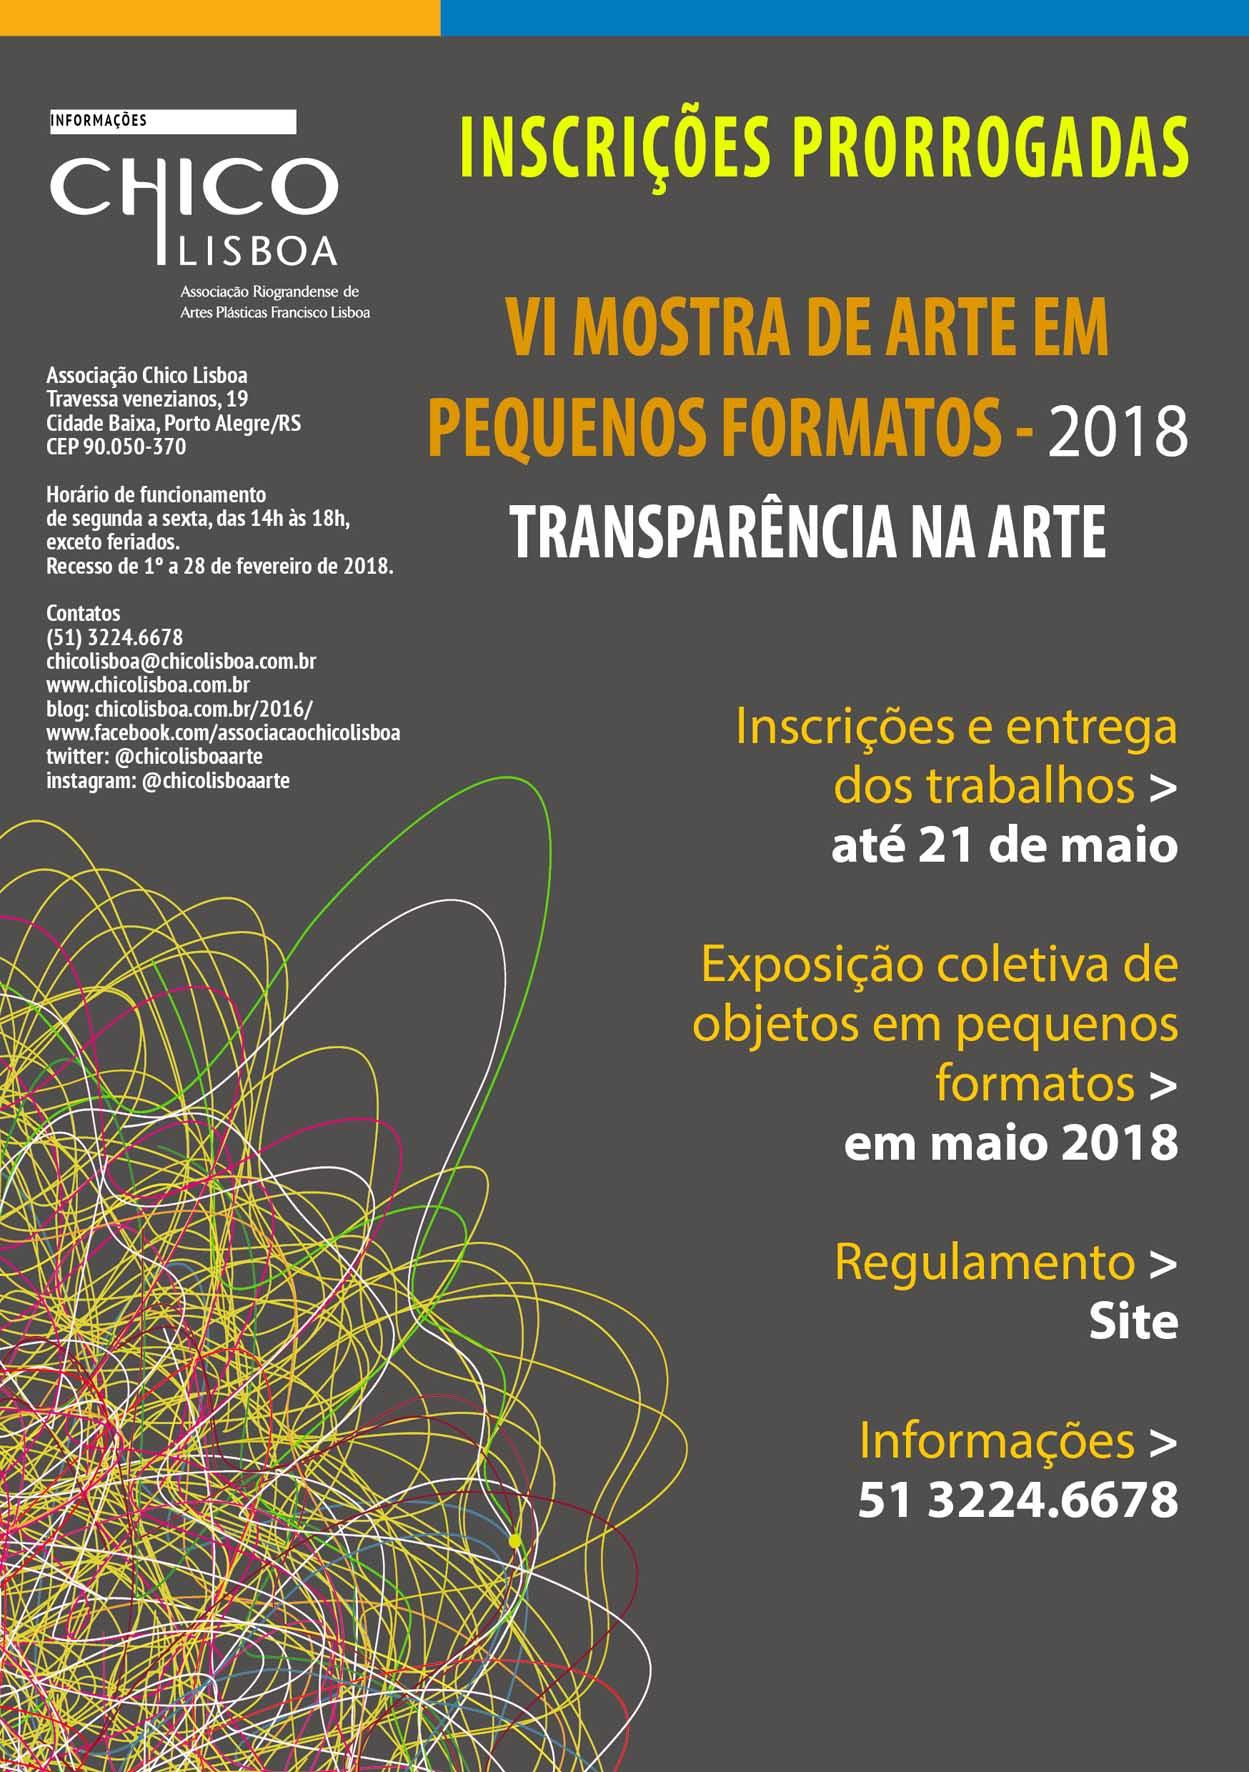 Edital encerrado!! VI Mostra de Arte em Pequenos Formatos 2018 – Transparência na Arte